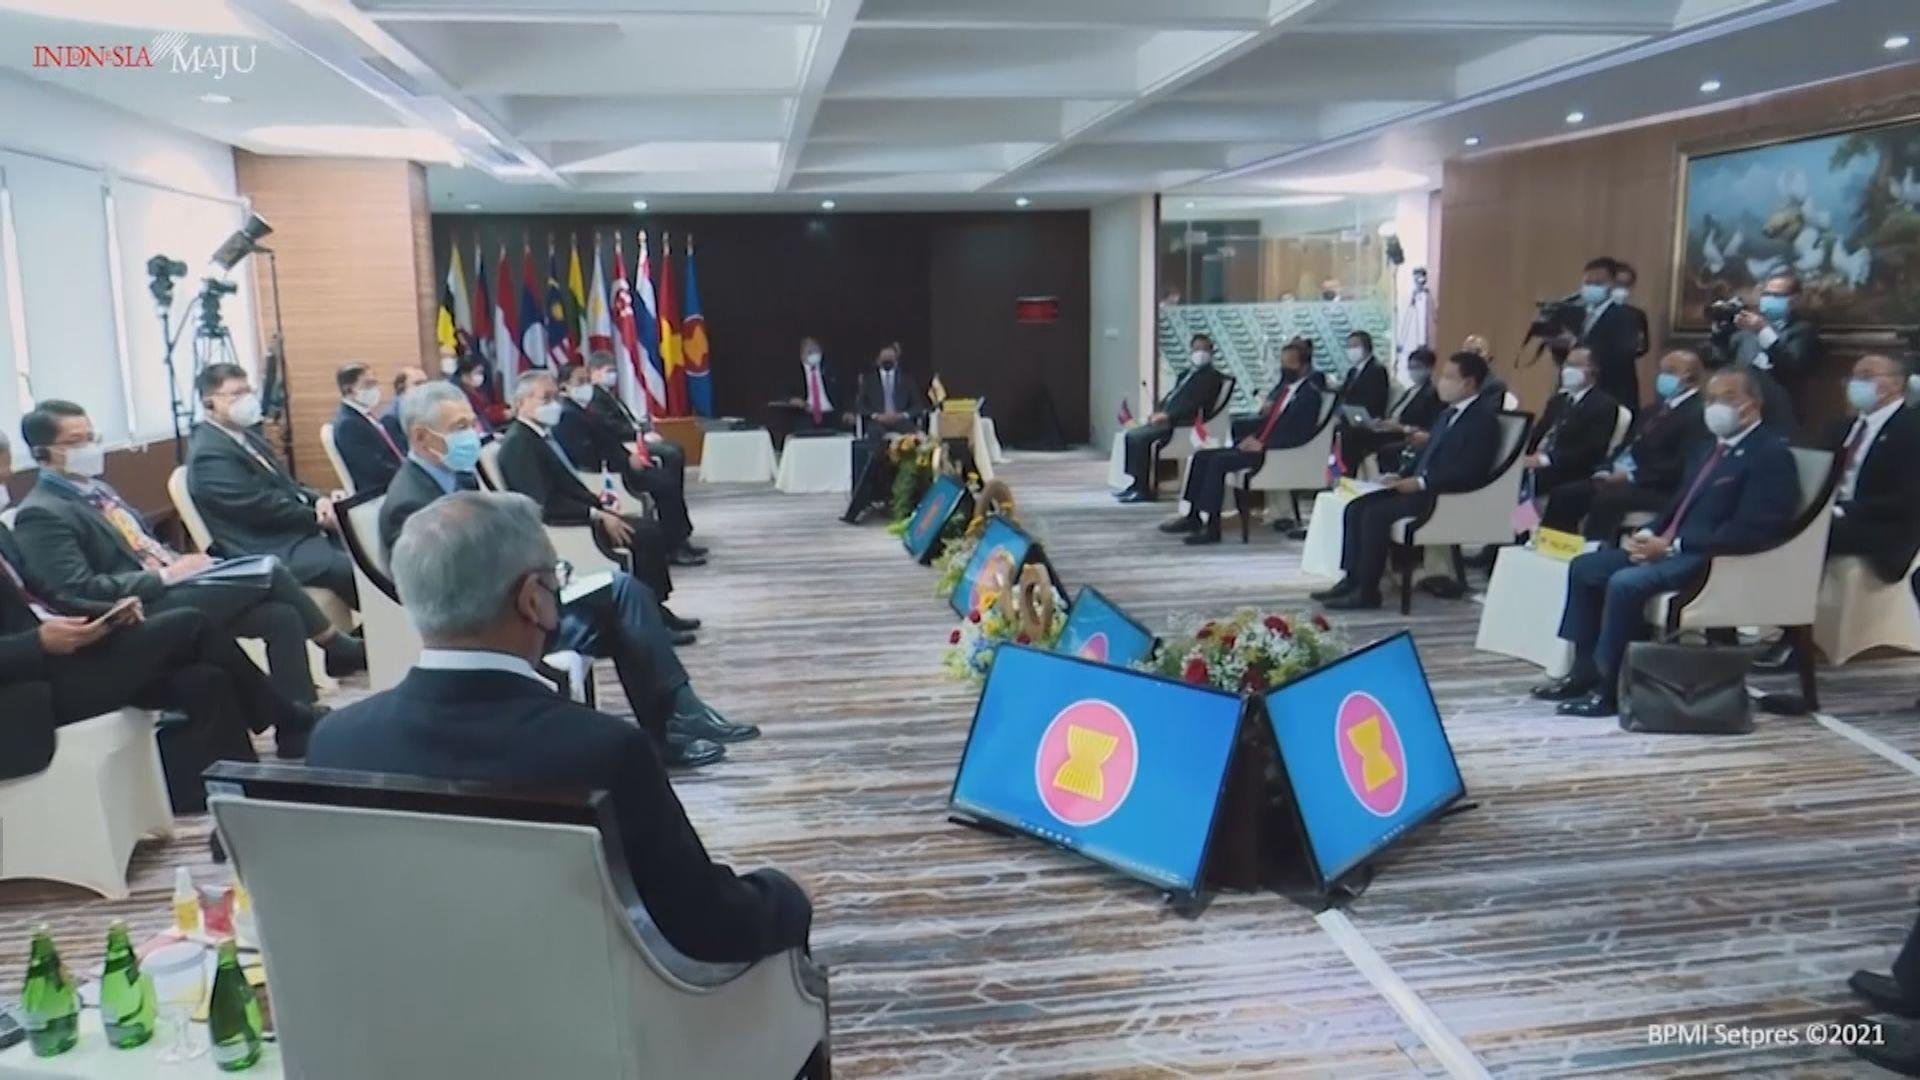 據報東盟峰會聲明刪去原有釋放政治犯內容